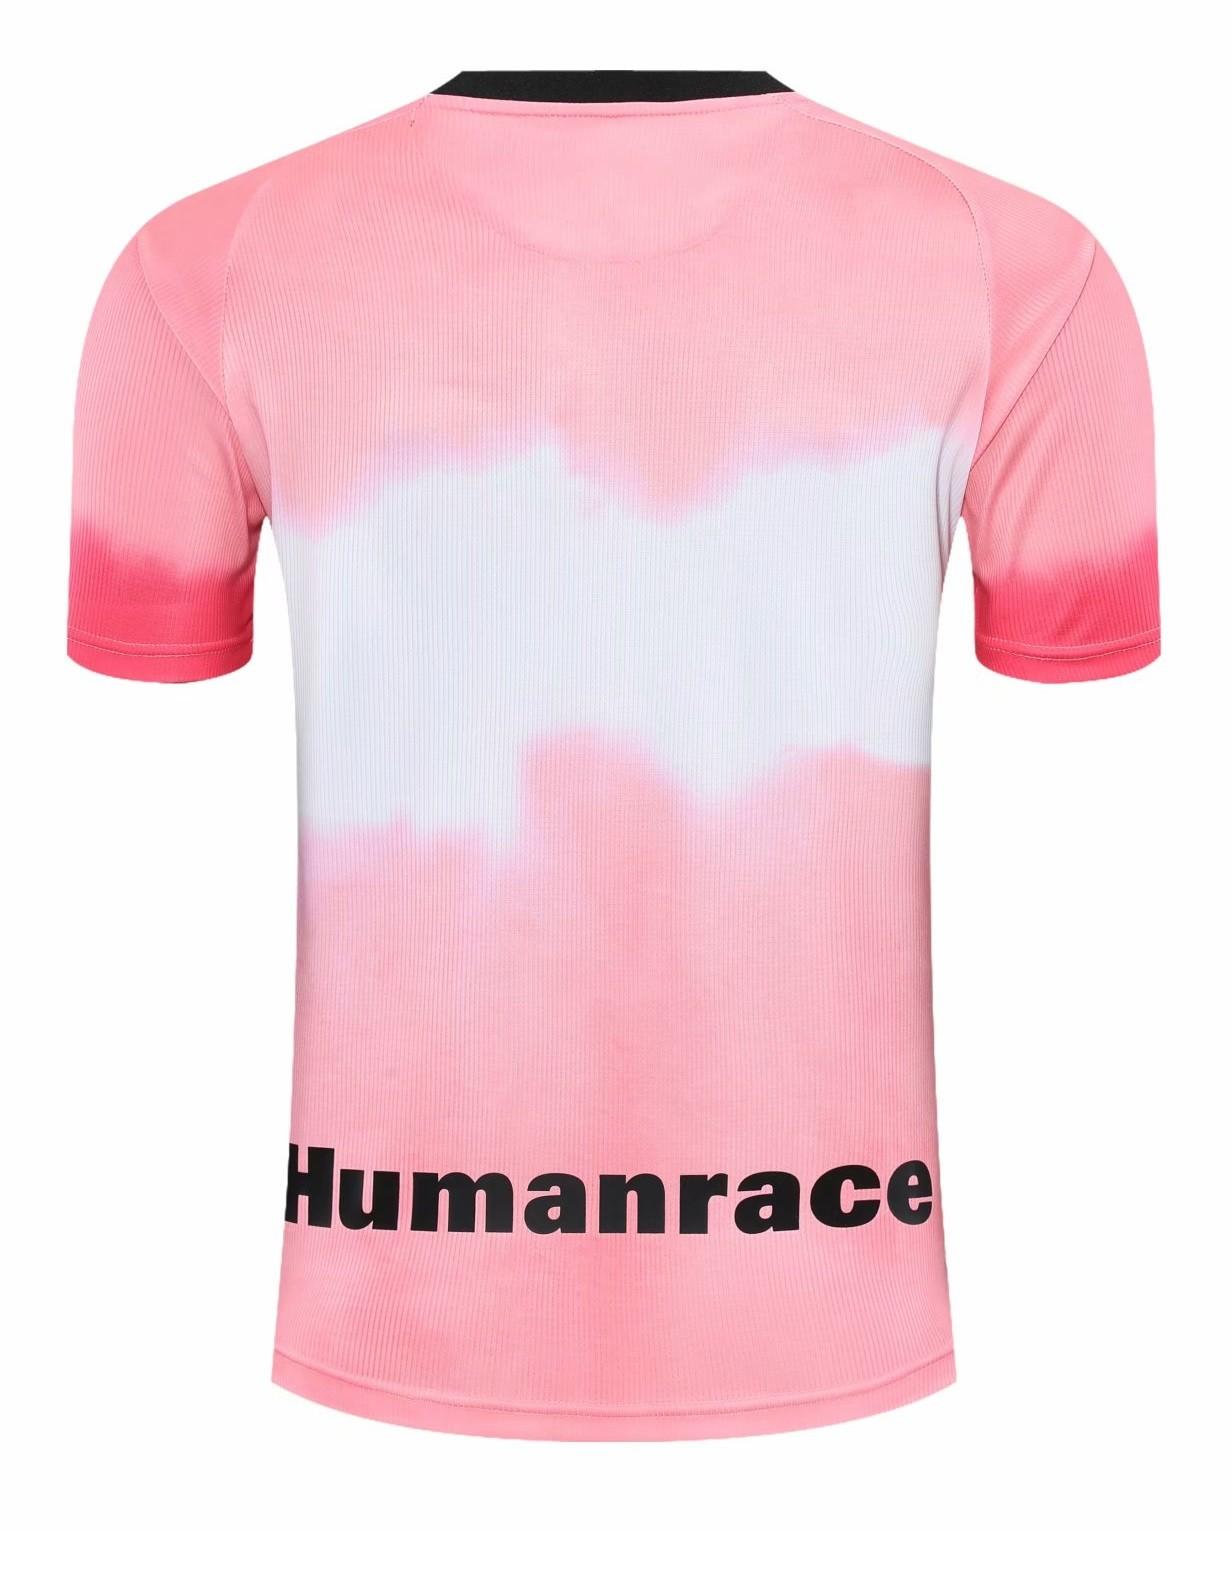 CAMISA JUVENTUS HUMAN RACE, EDIÇÃO LIMITADA 2021